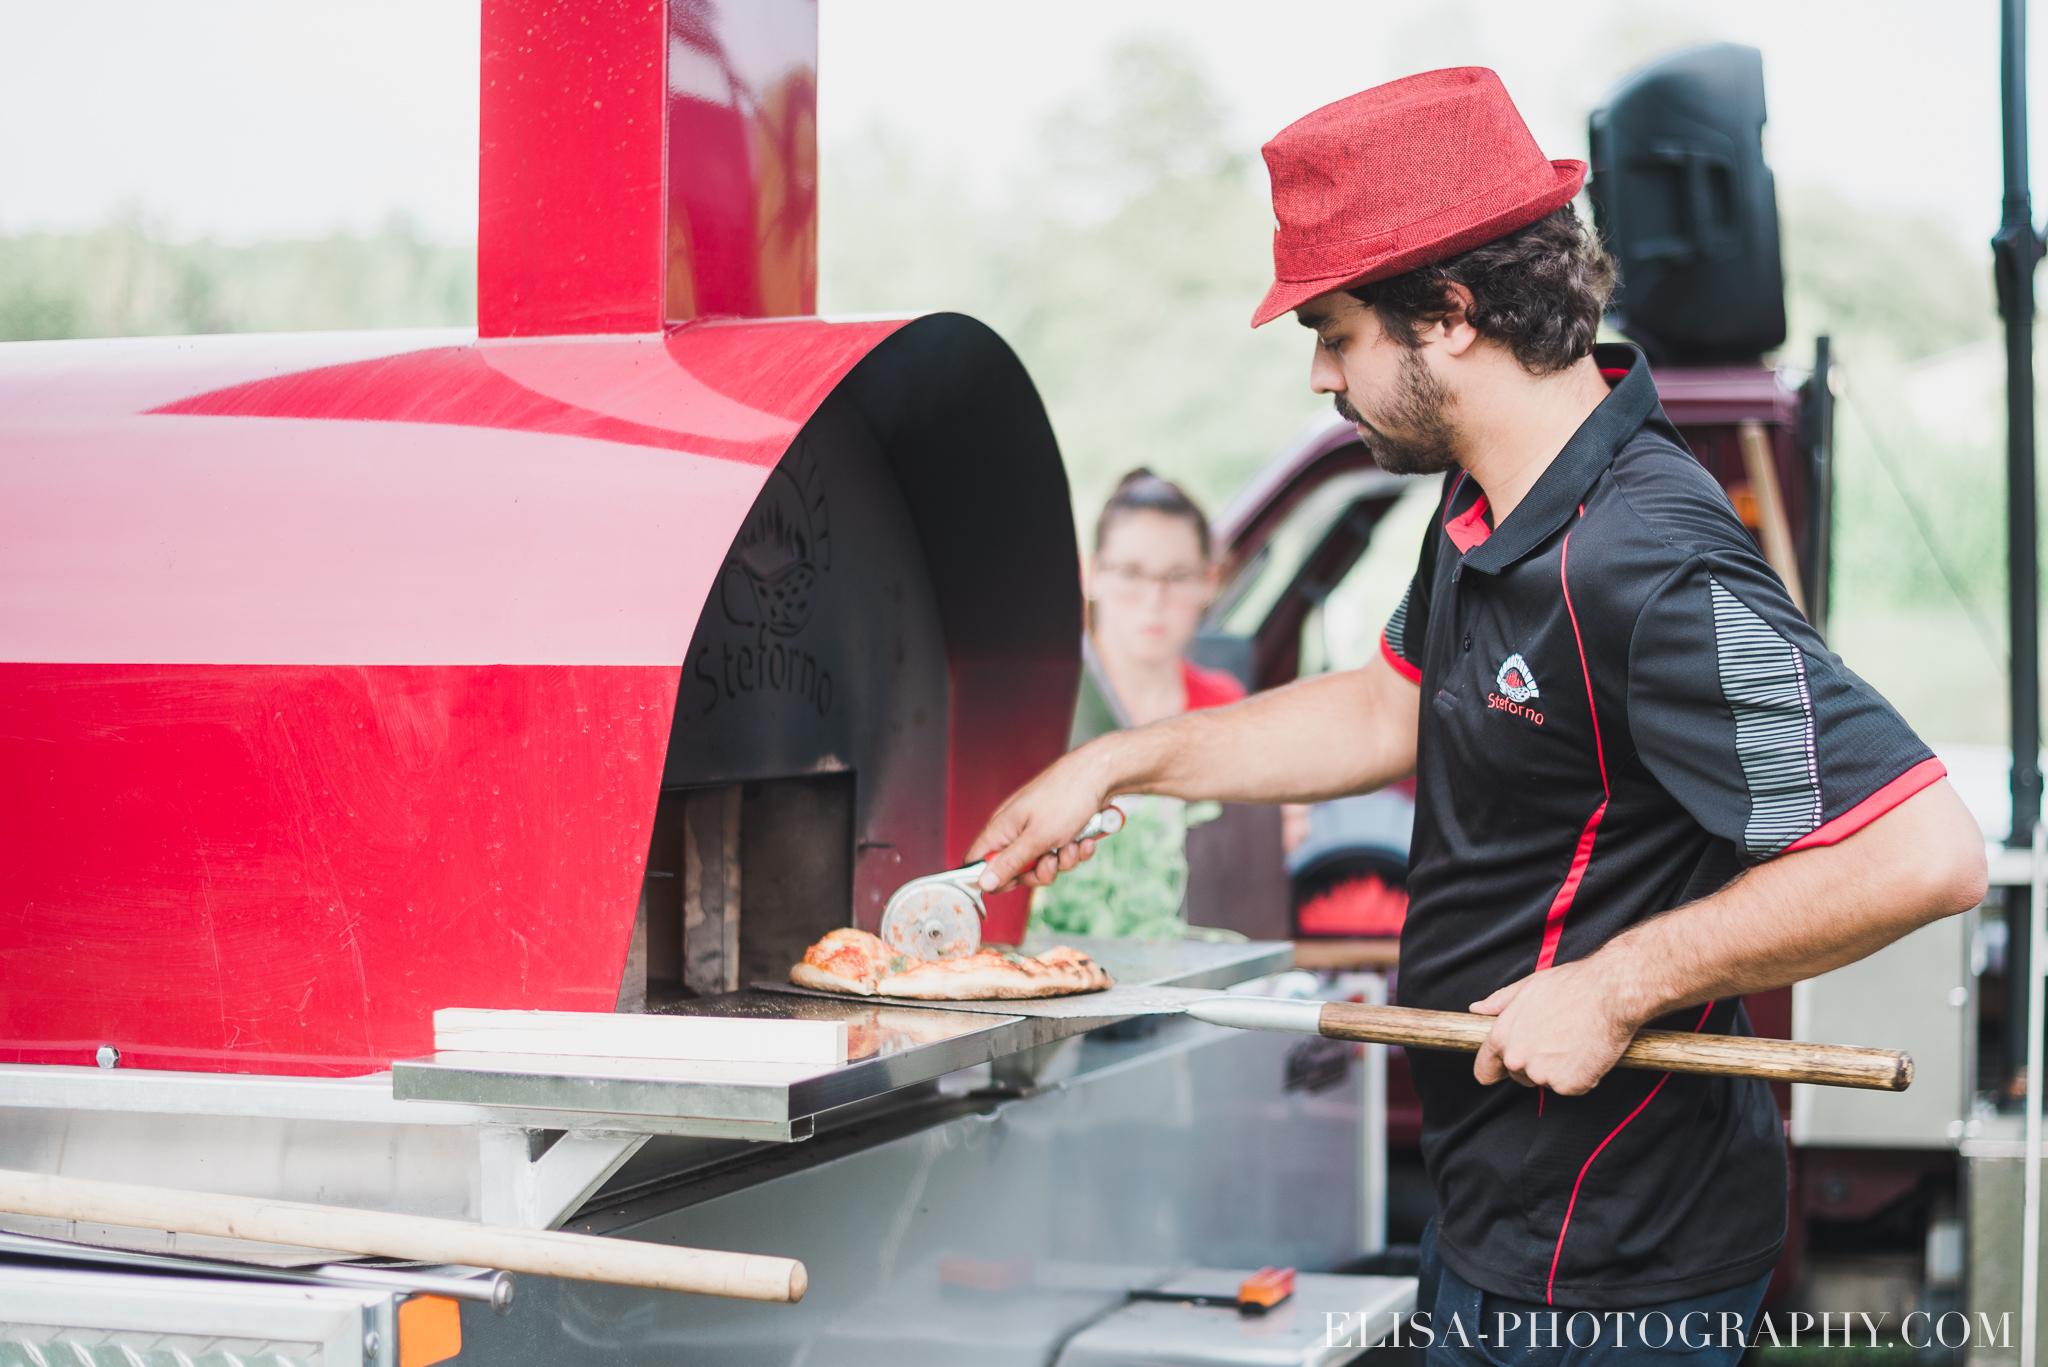 photo mariage grange rouge quebec reception pizza steforno 8973 - Mariage coloré à la grange rouge de Brompton